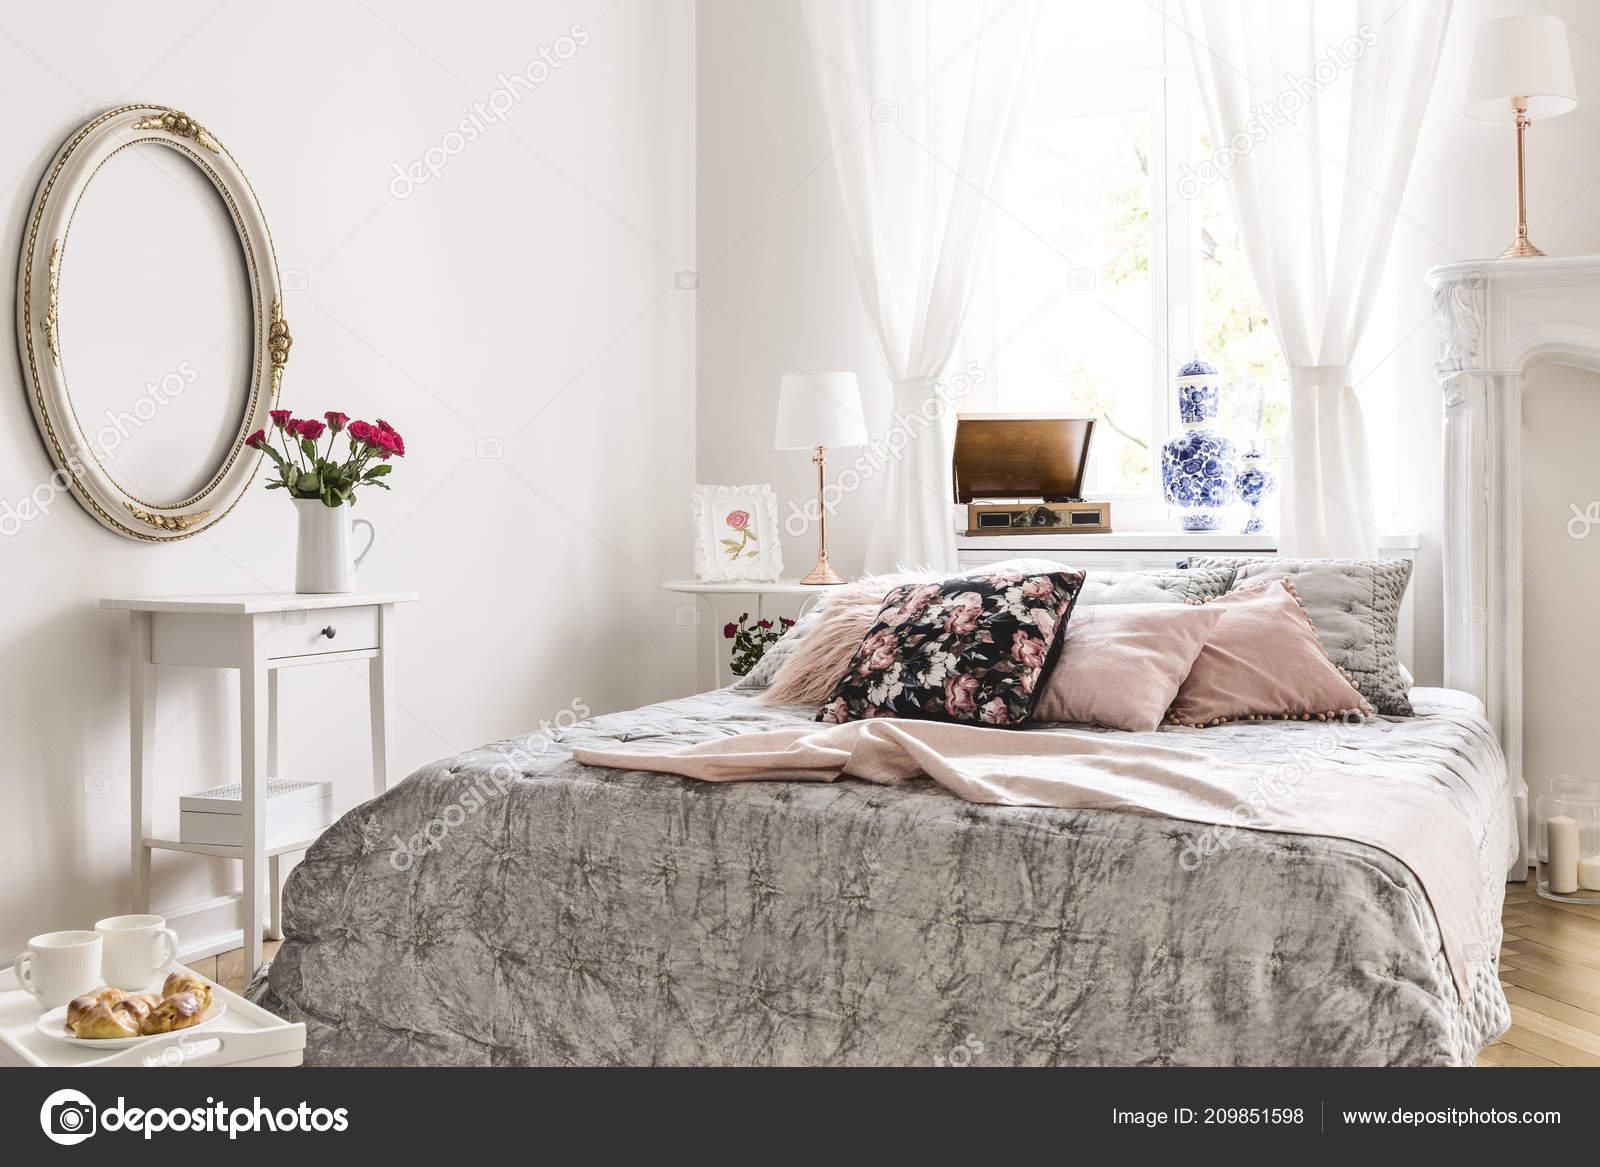 Miroir Dessus Blanc Armoire Avec Des Roses Intérieur Chambre ...